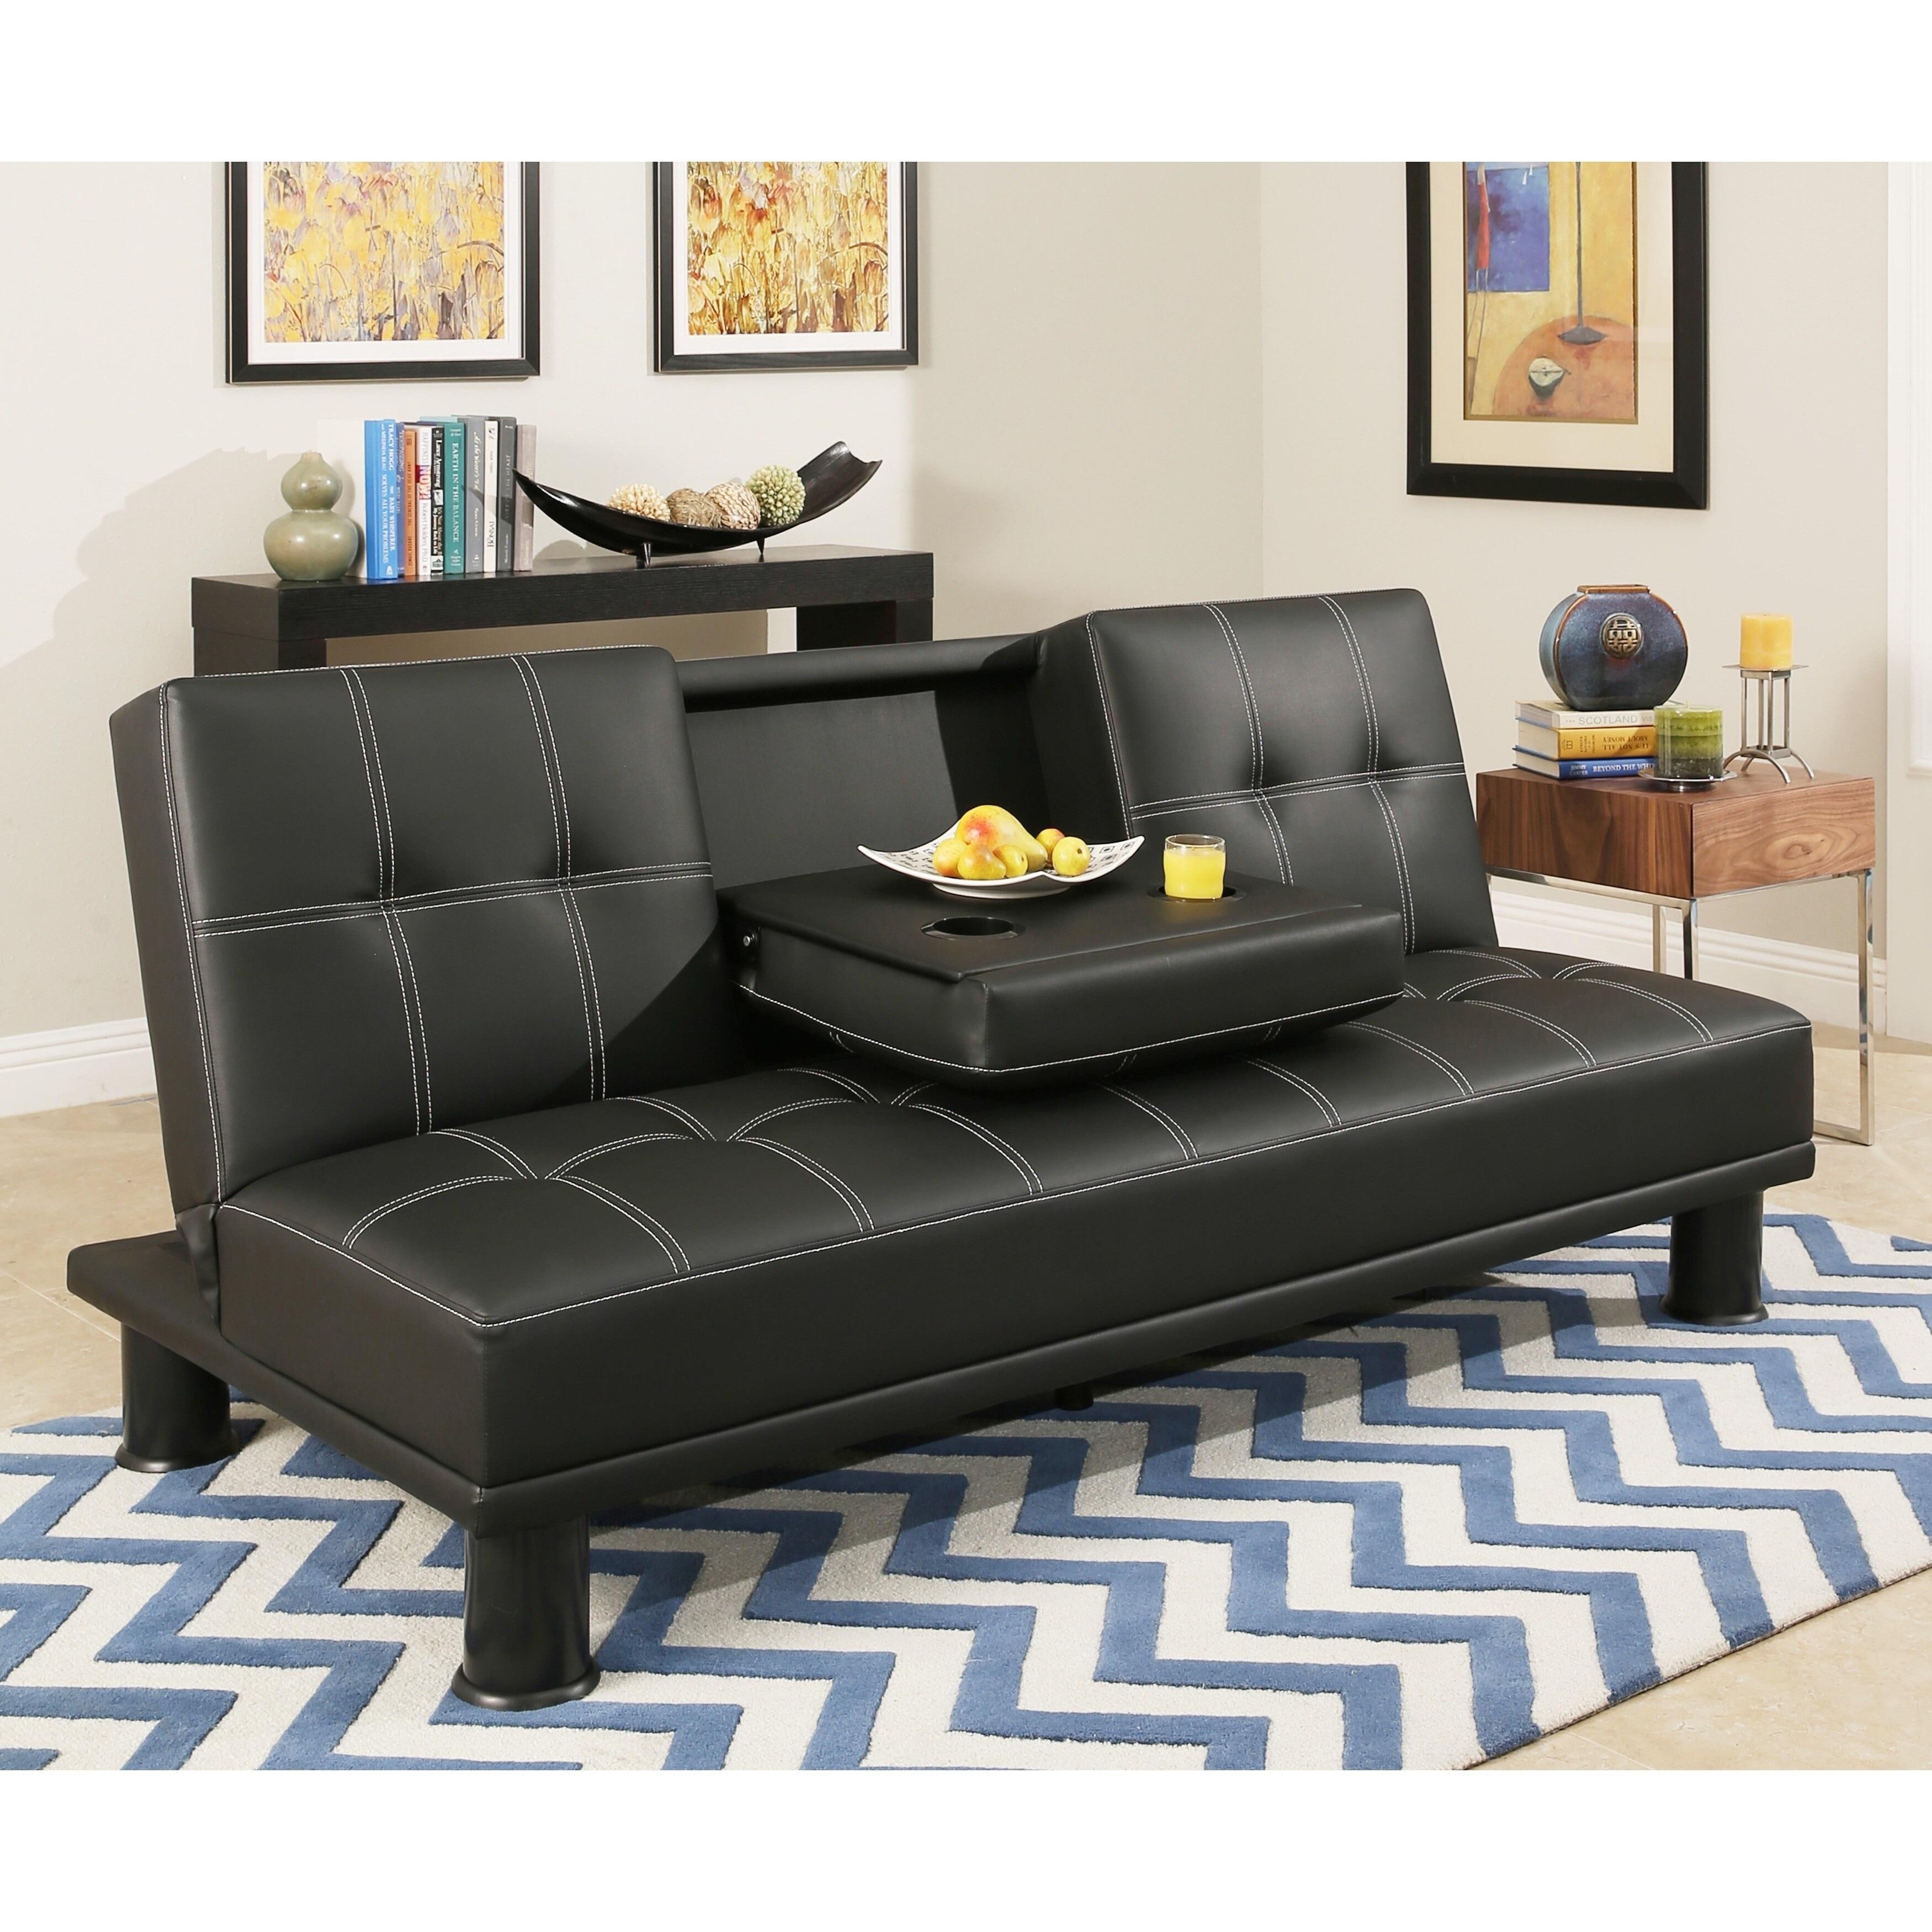 Abbyson Signature Convertible Futon Sofa Bed Overstock 18533820